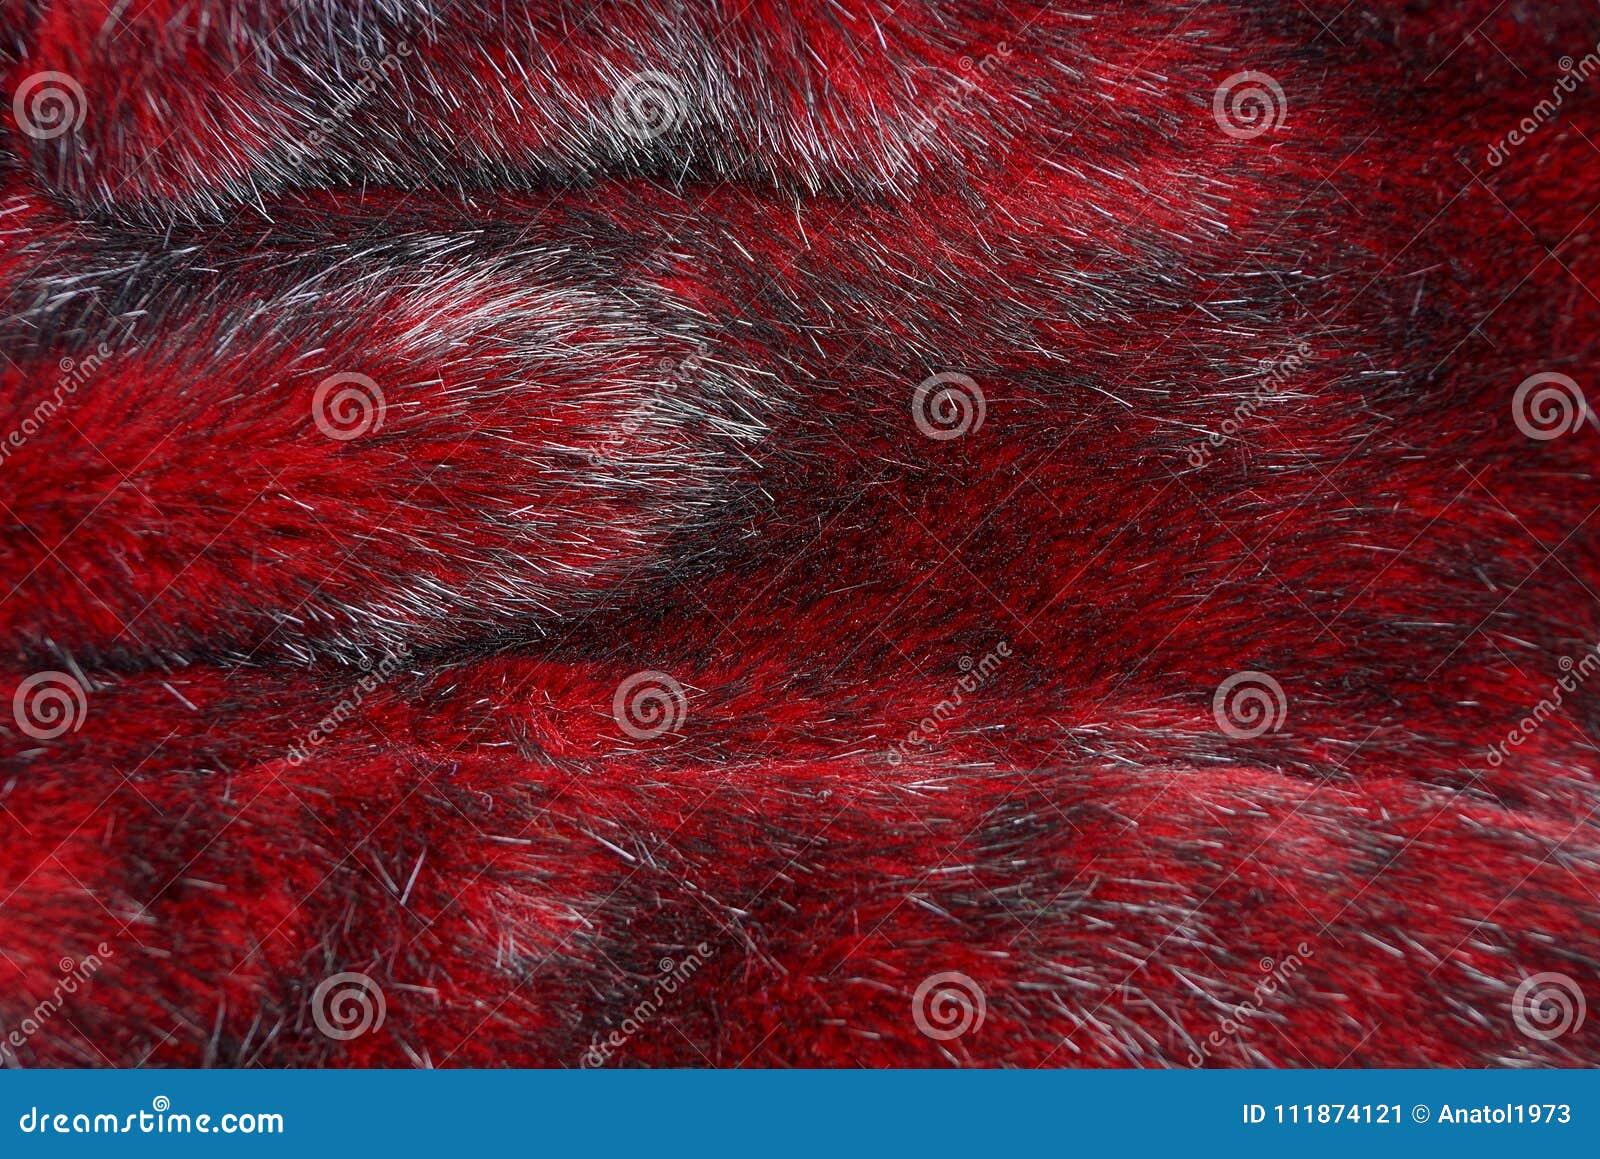 Текстура красного меха на части одежды